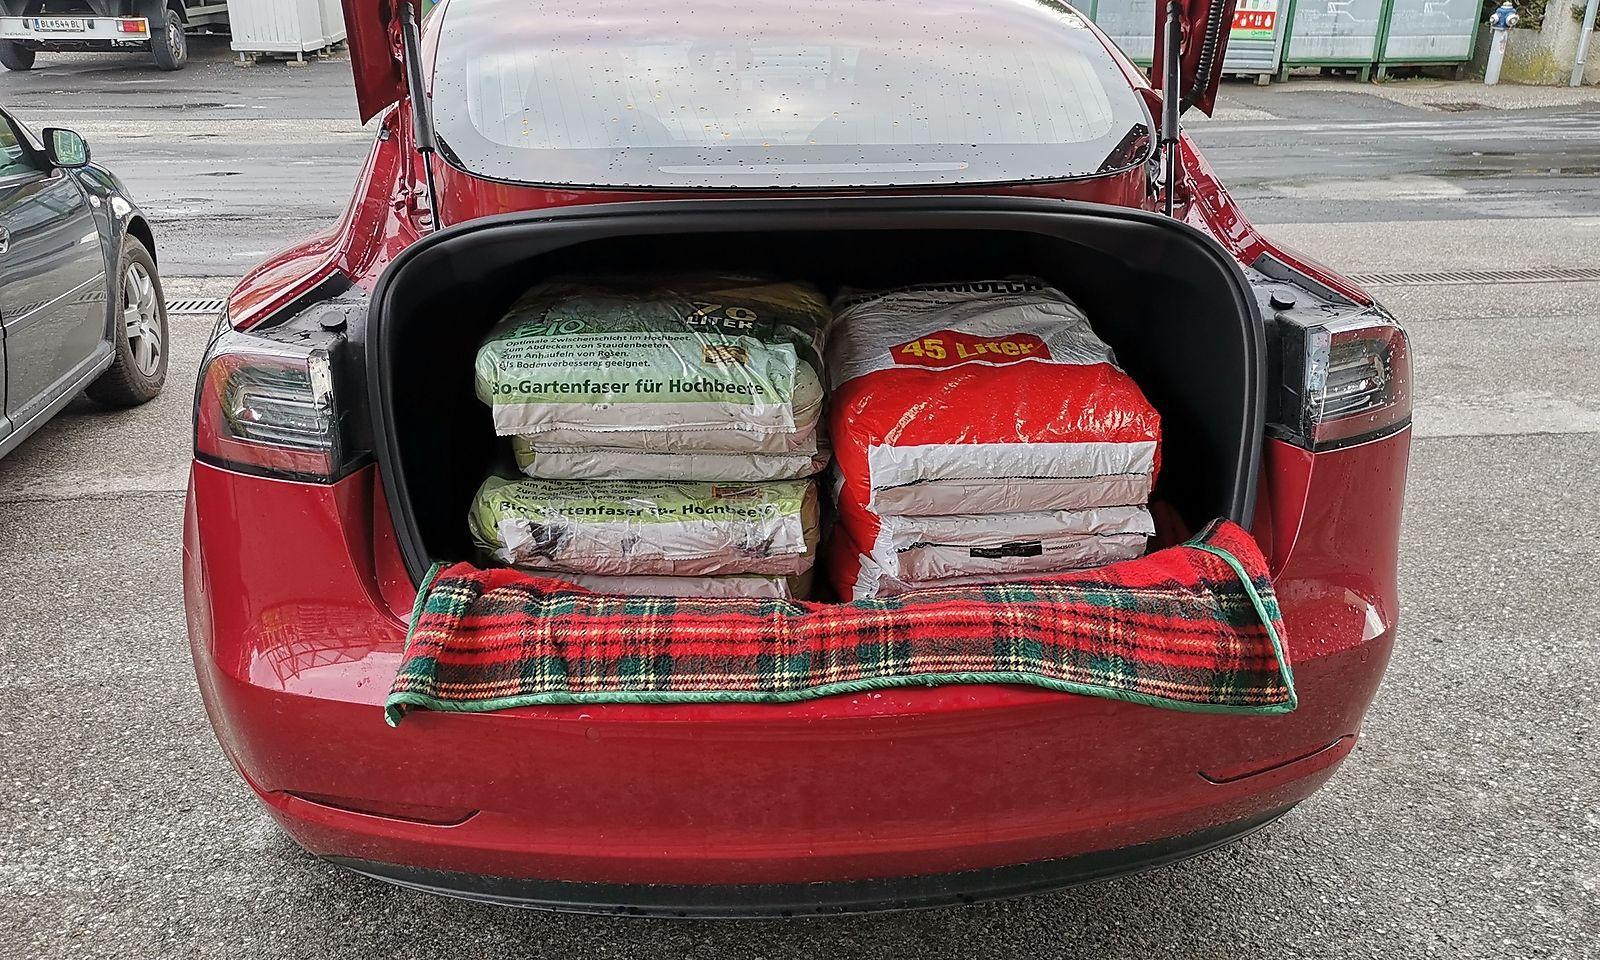 Tesla hin oder her. Der Garten muss frühlingsfit gemacht werden. Auch das muss ein E-Auto können. Da geht schon was rein in den Kofferraum.